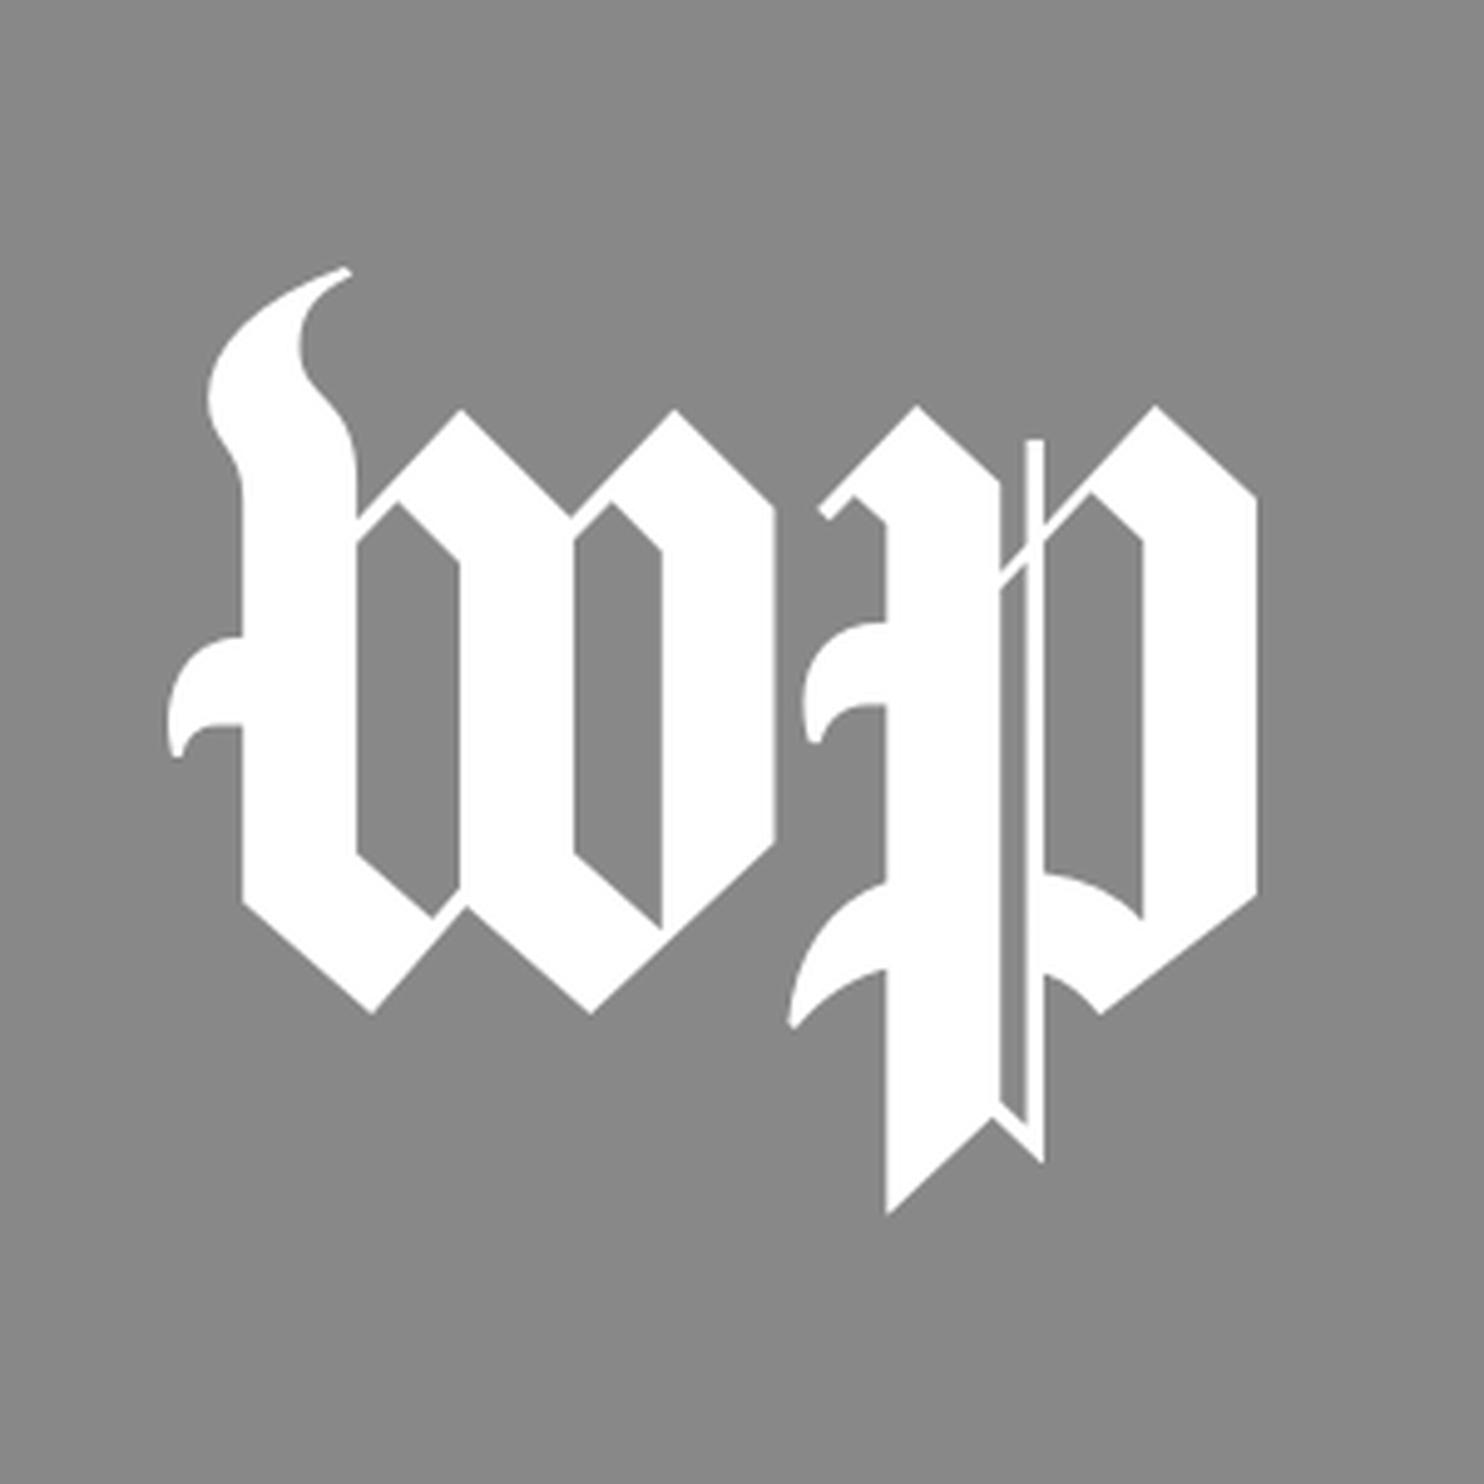 Washington Post icon